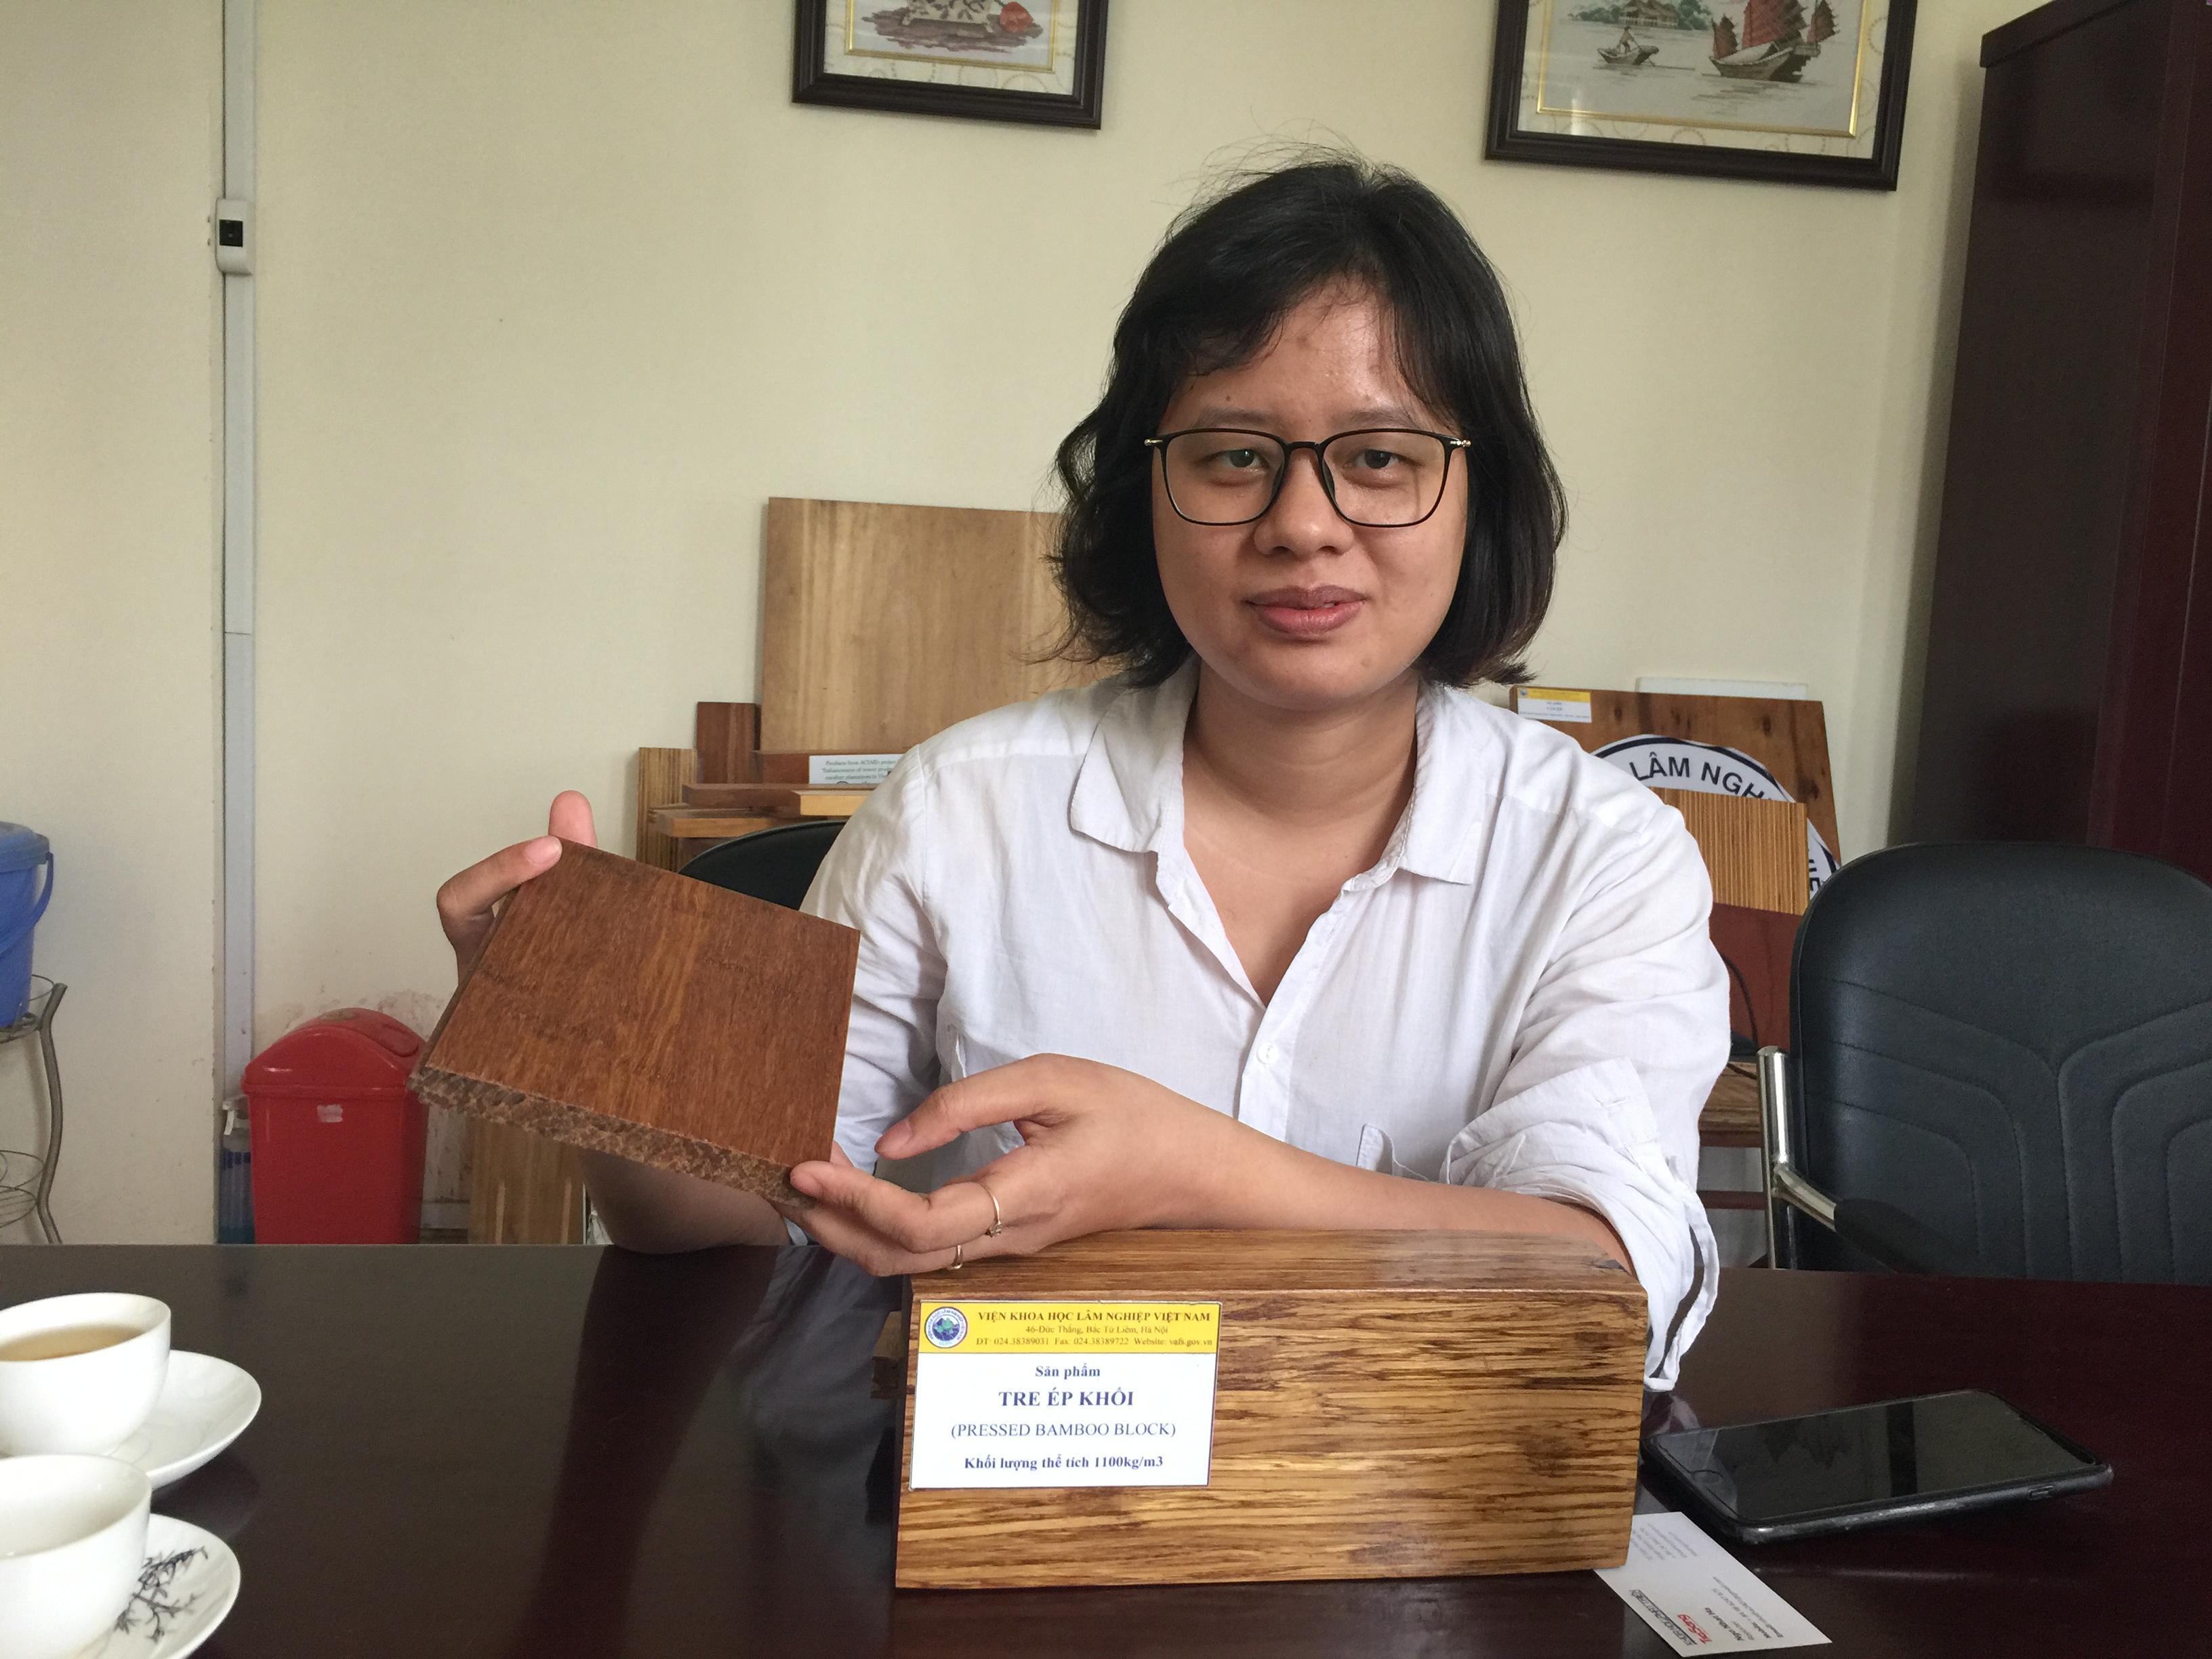 TS. Nguyễn Thị Phượng, Viện Nghiên cứu Công nghiệp Rừng, giới thiệu về tre ép khối được tạo ra từ đề tài. Ảnh: Ngô Hà